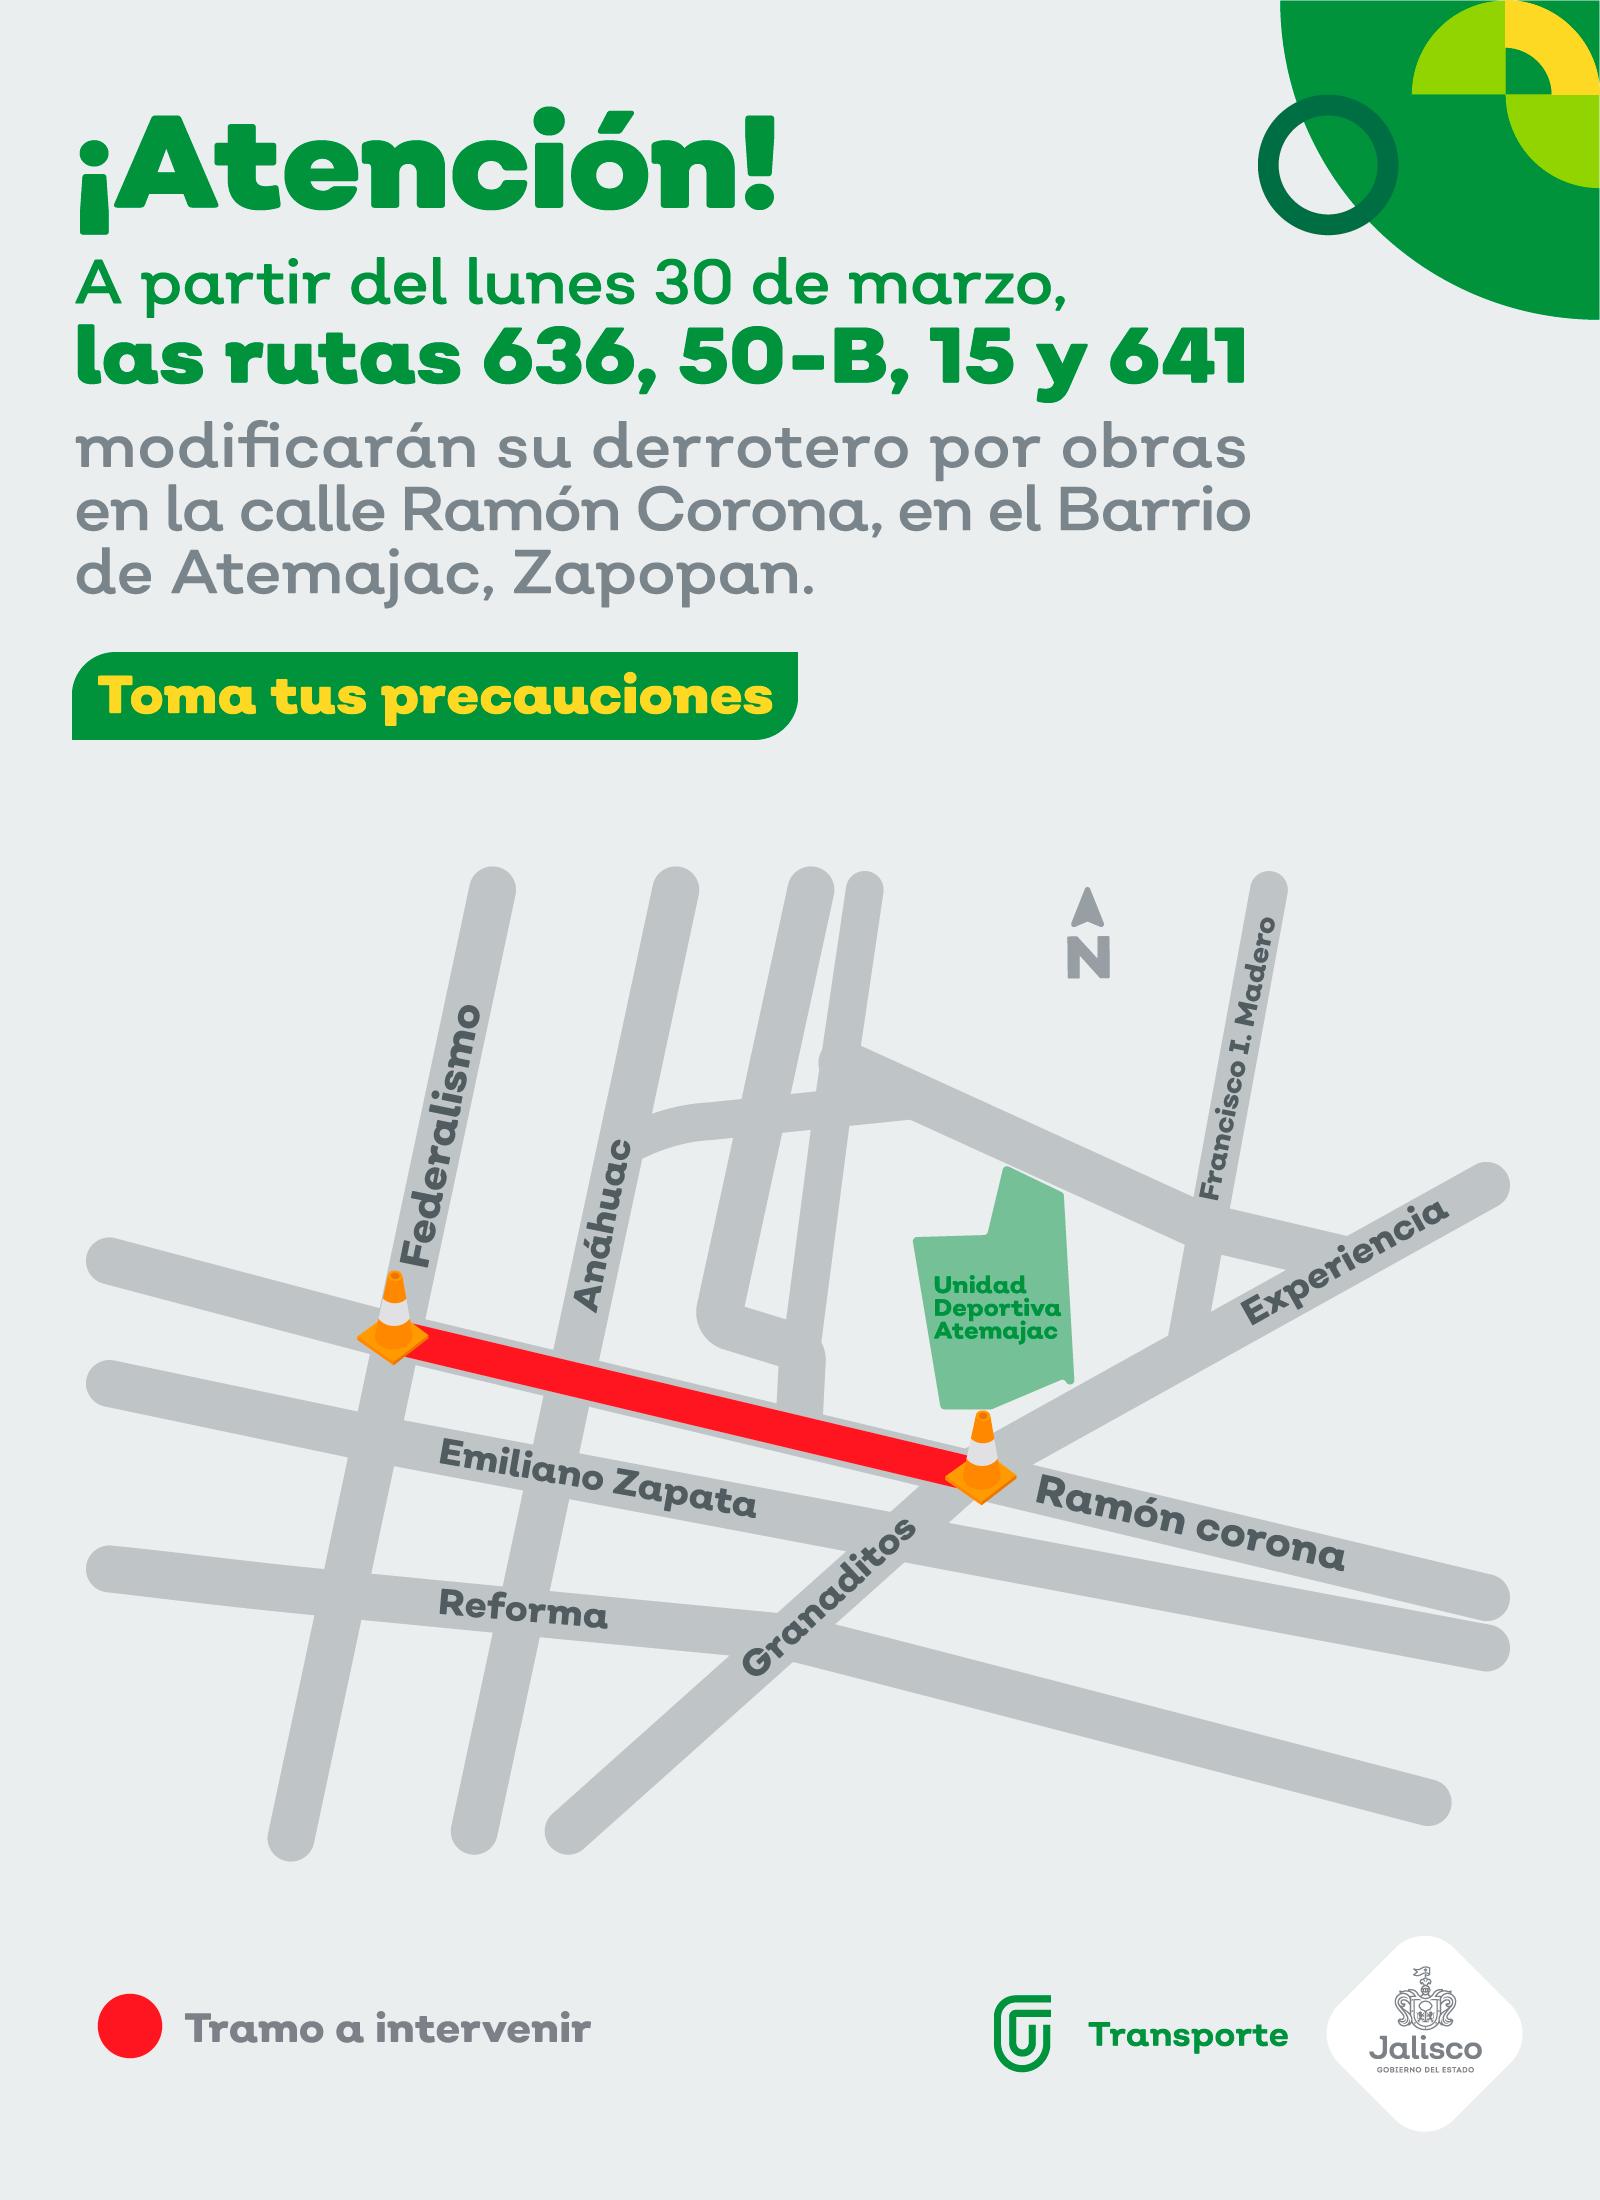 Cuatro rutas del transporte público modificarán su derrotero por obra en la calle Ramón Corona de Zapopan